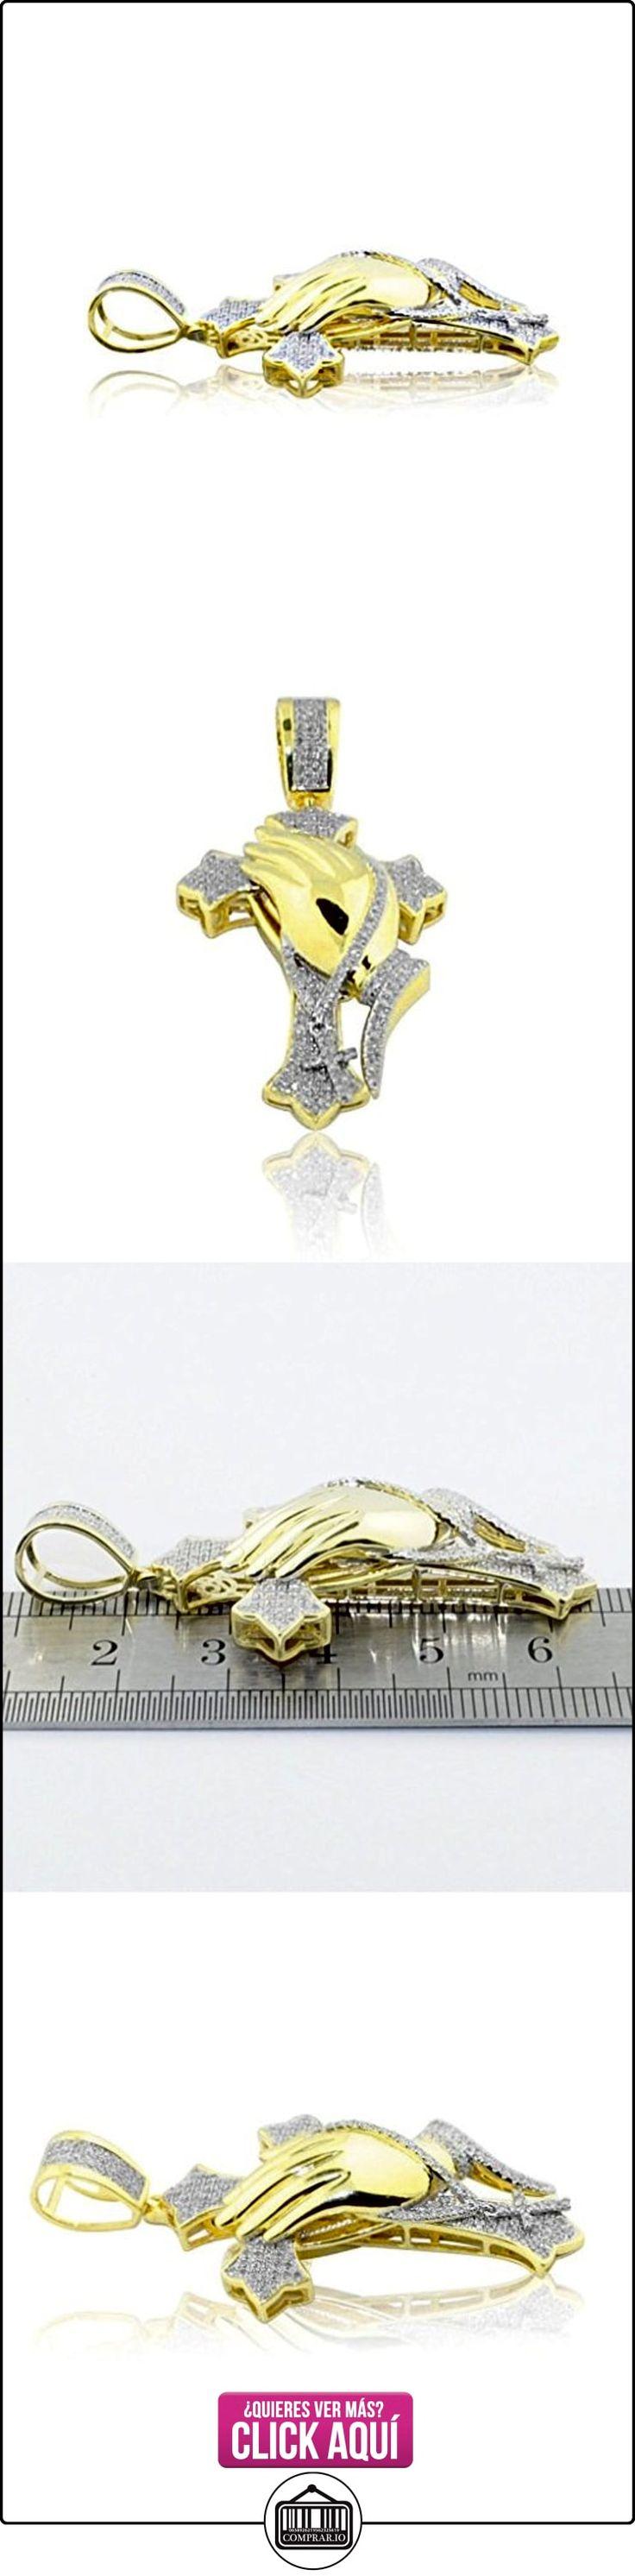 pendants-midwestjewellery Hombre 0,55quilates diamante con colgante de cruz con manos rezando oro amarillo de 10K 55mm  ✿ Joyas para hombres especiales - lujo ✿ ▬► Ver oferta: http://comprar.io/goto/B01CAR91PU